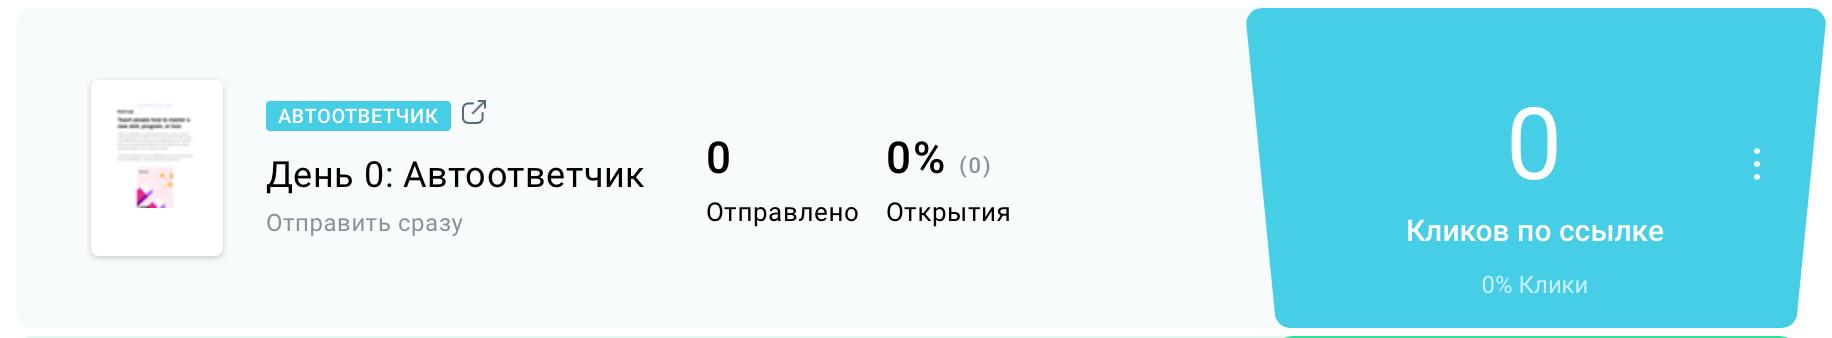 Статистика автоответчика.